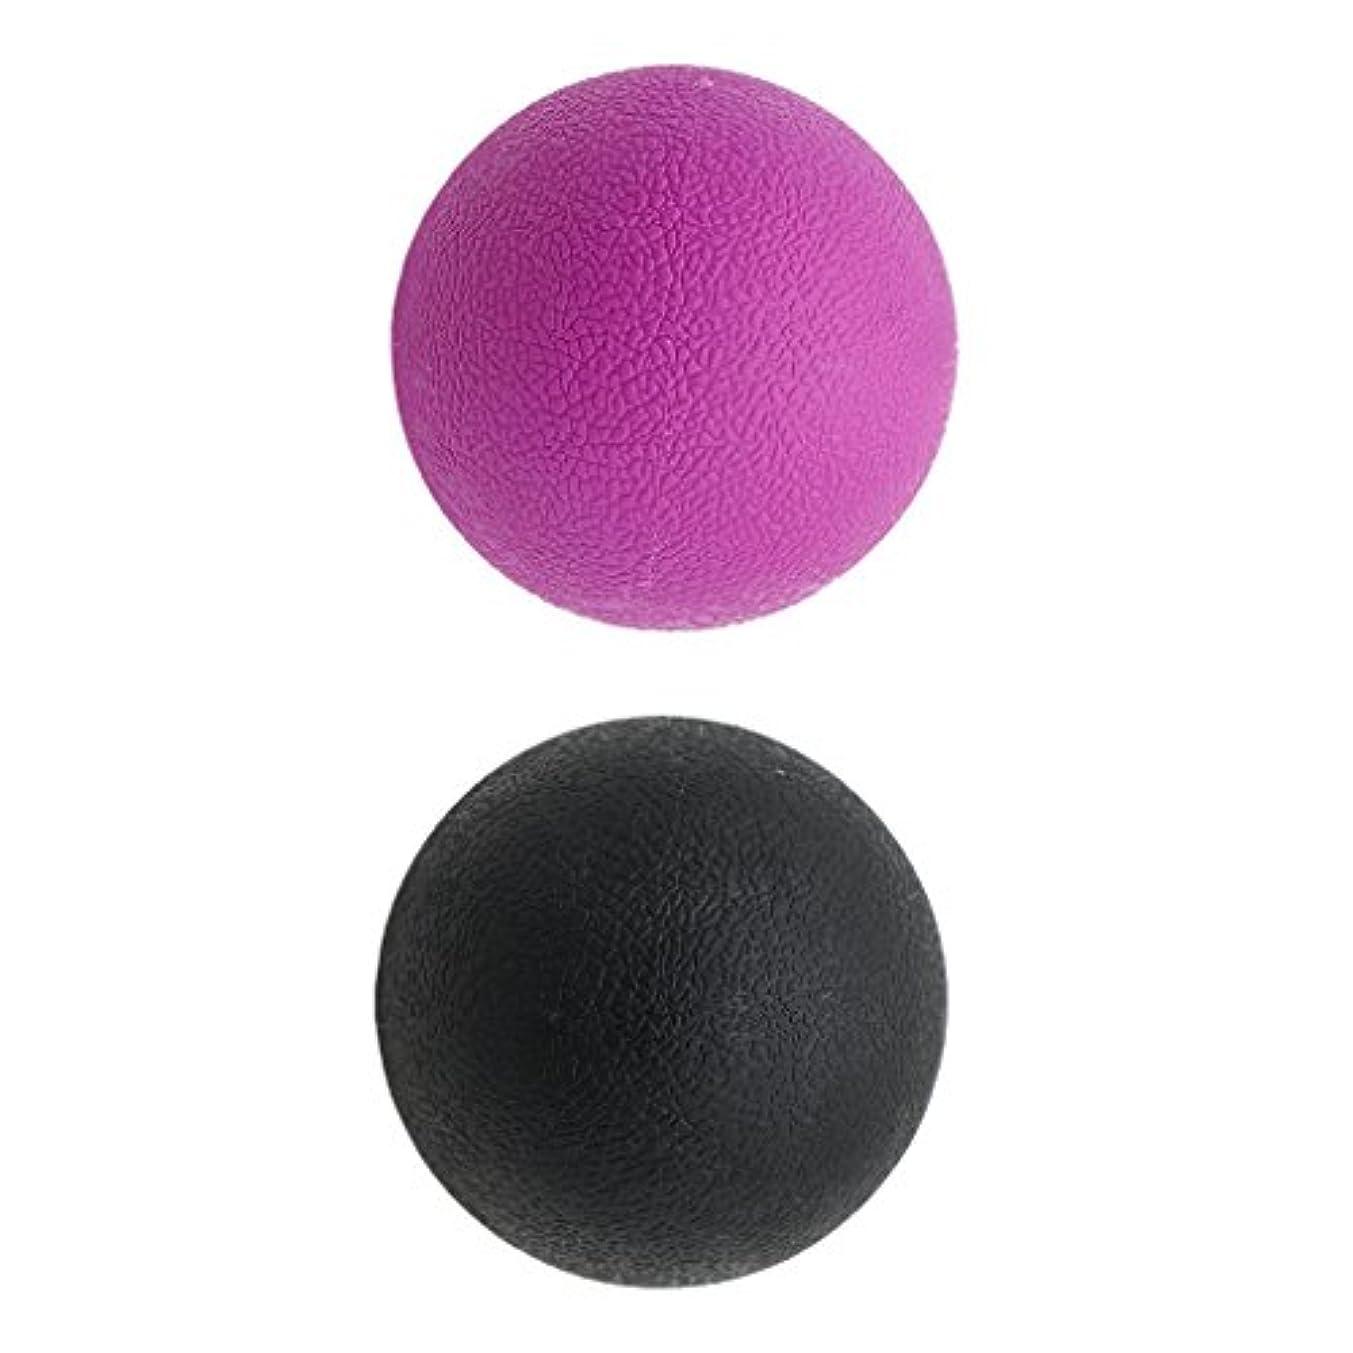 承認する完璧人形Kesoto 2個 マッサージボール ラクロスボール 背部 トリガ ポイント マッサージ 多色選べる - ブラックパープル